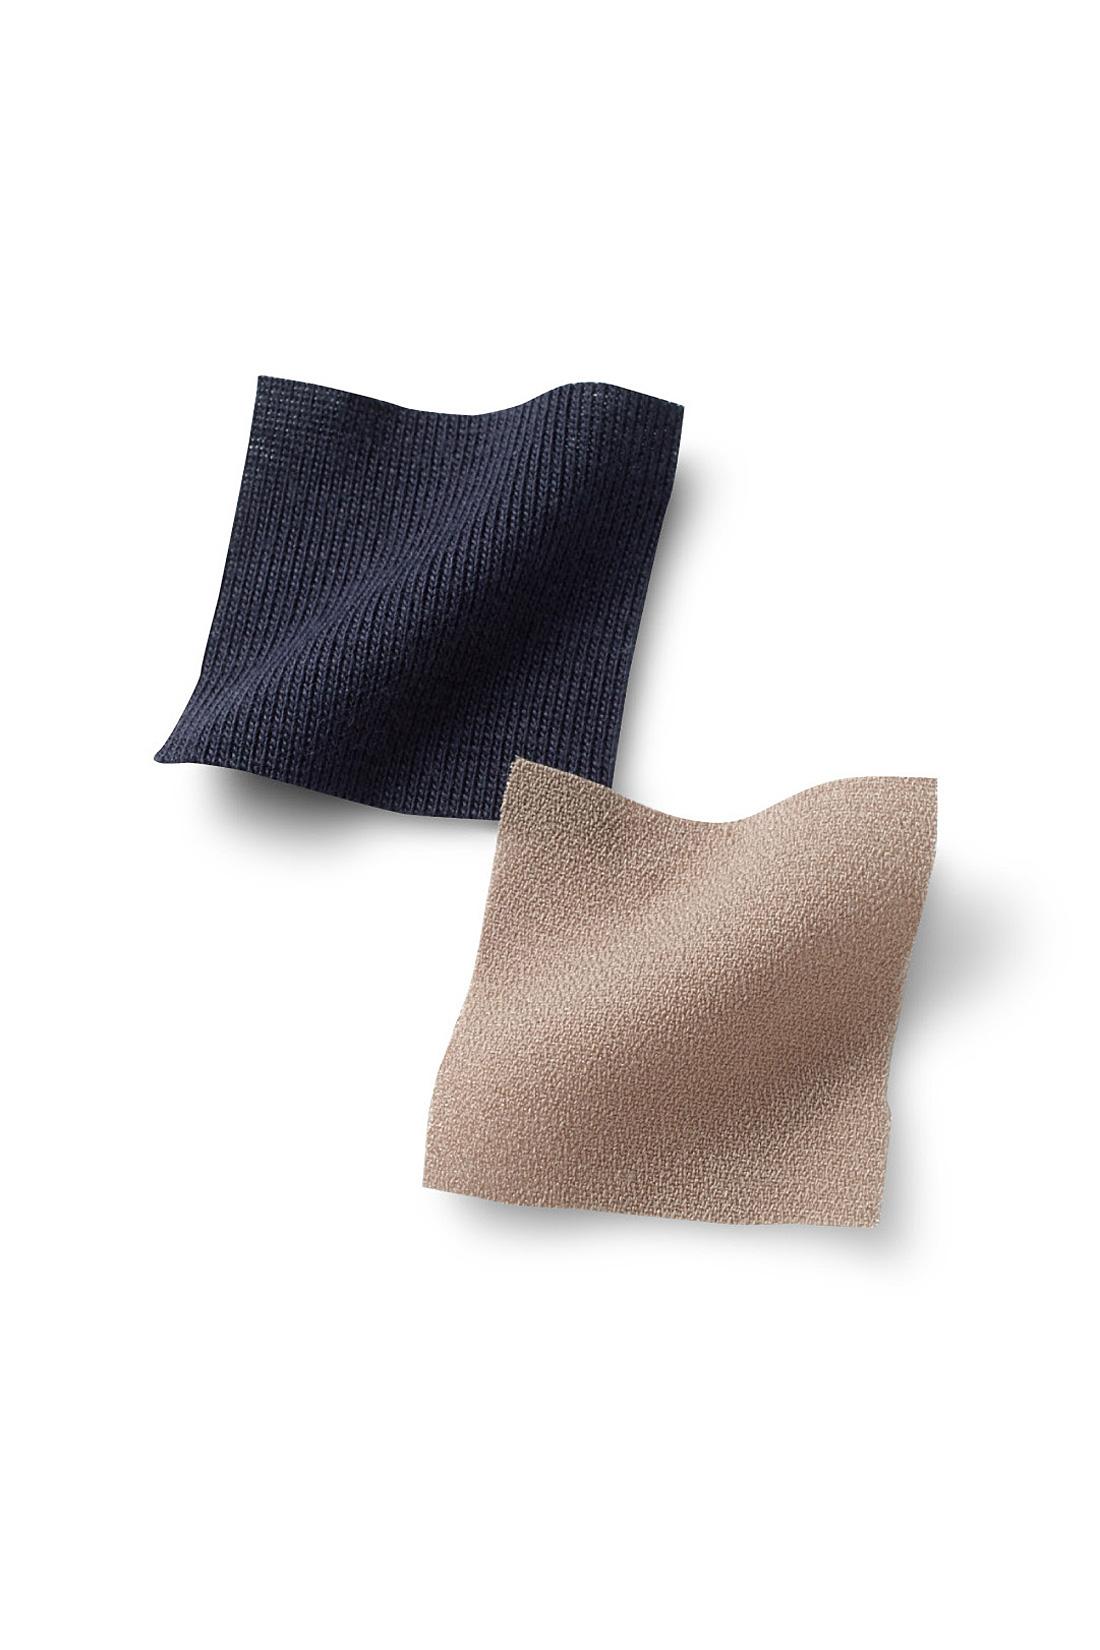 シャツは凹凸のある表面感がさらっとこなれるトレンドのアムンゼン素材。胸当て部分は伸縮性のあるフライスカットソーでフィット感があって安心。